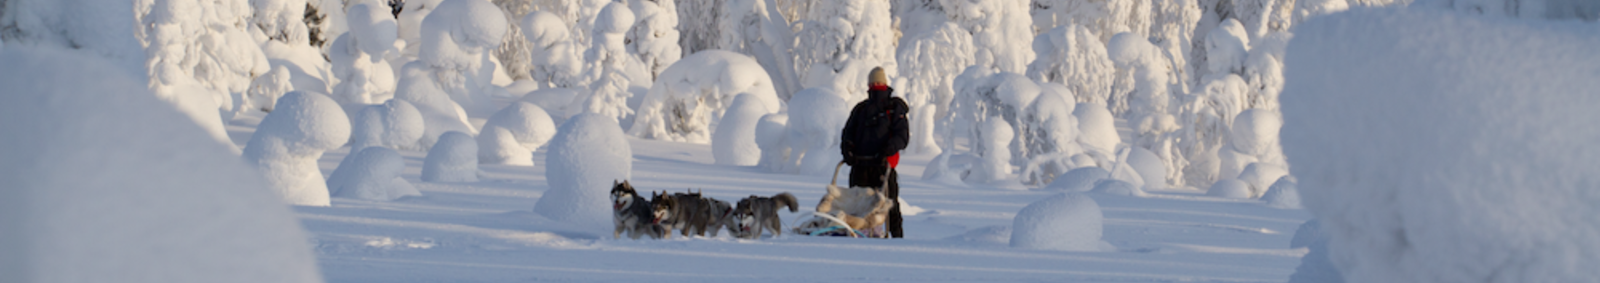 Dogsledding in Finland